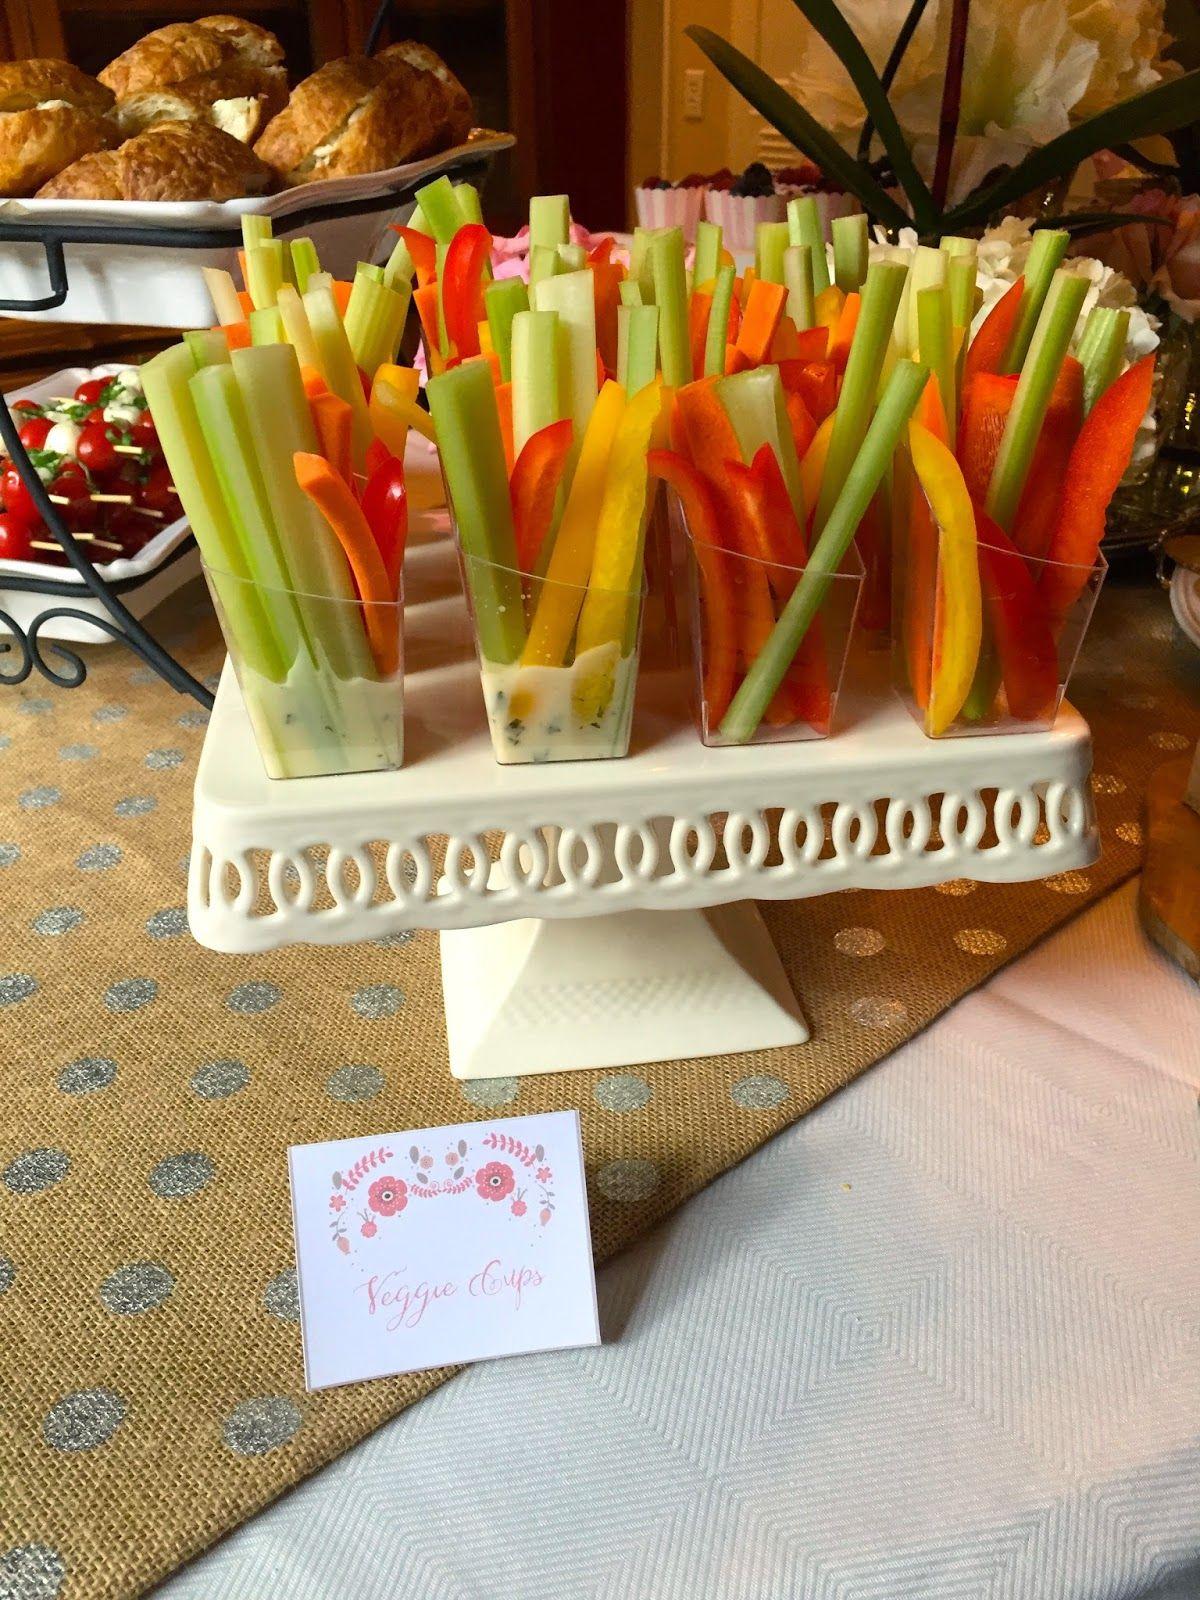 hayden s english garden baby shower food table veggie cups sticks